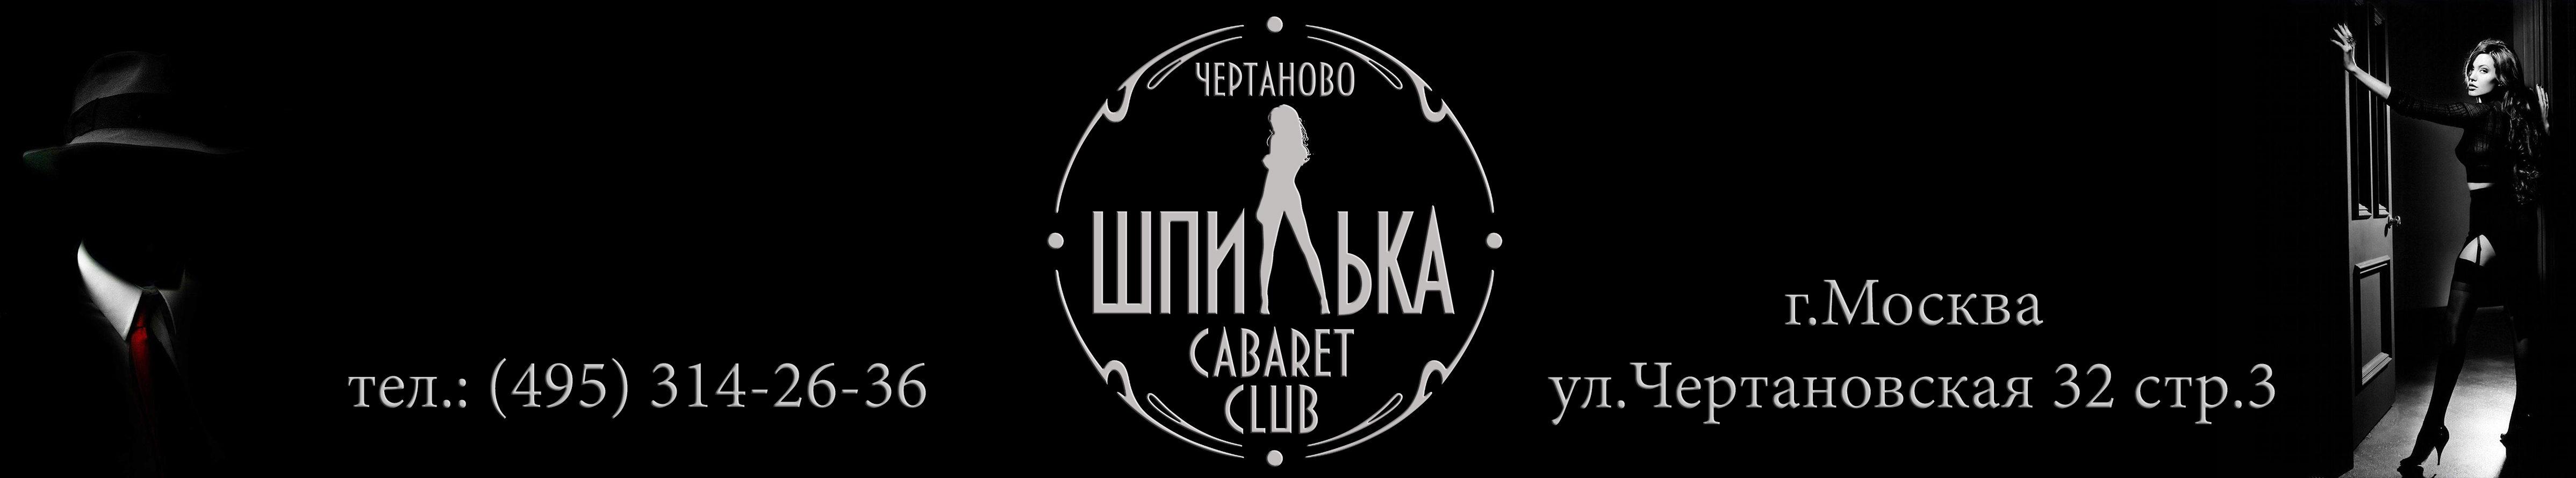 Стриптиз клуб Шпилька